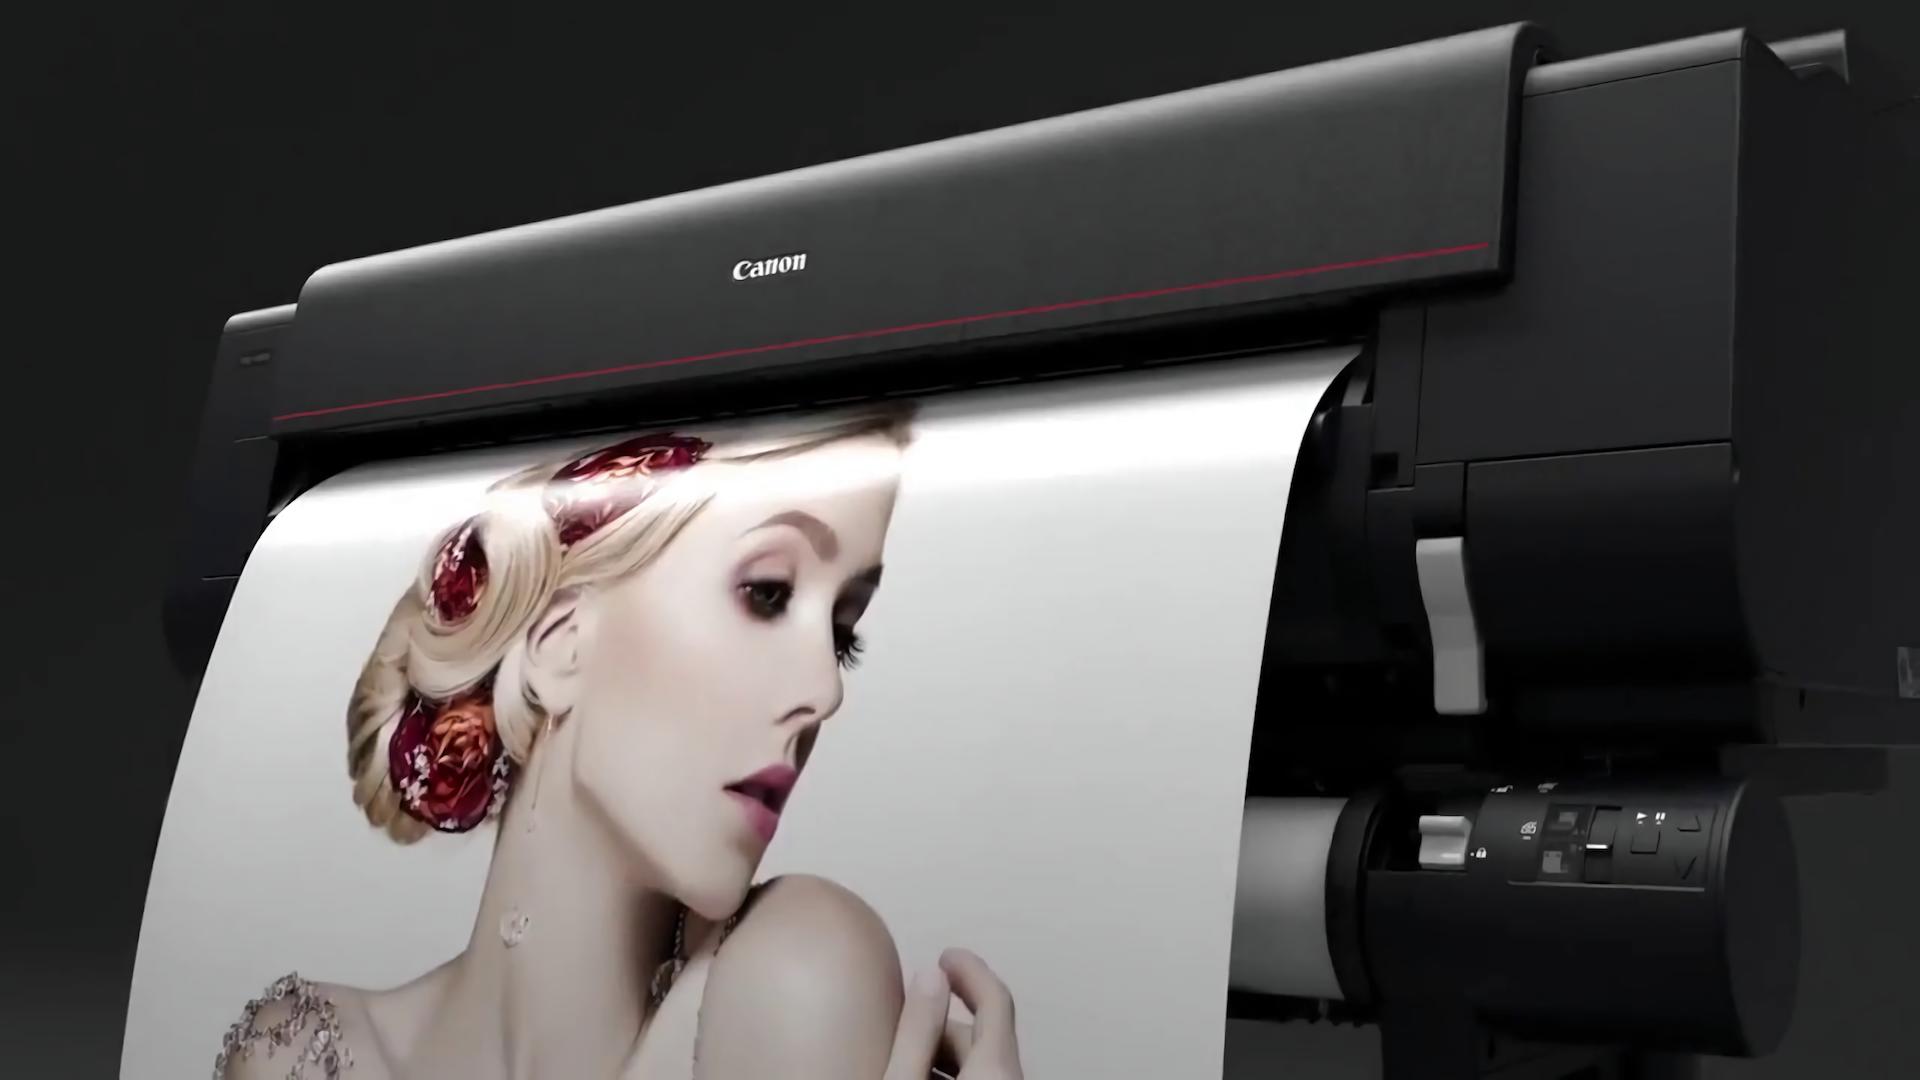 Принтеры с широкой душой. Краткий гид по устройствам для широкоформатной печати Canon - 1